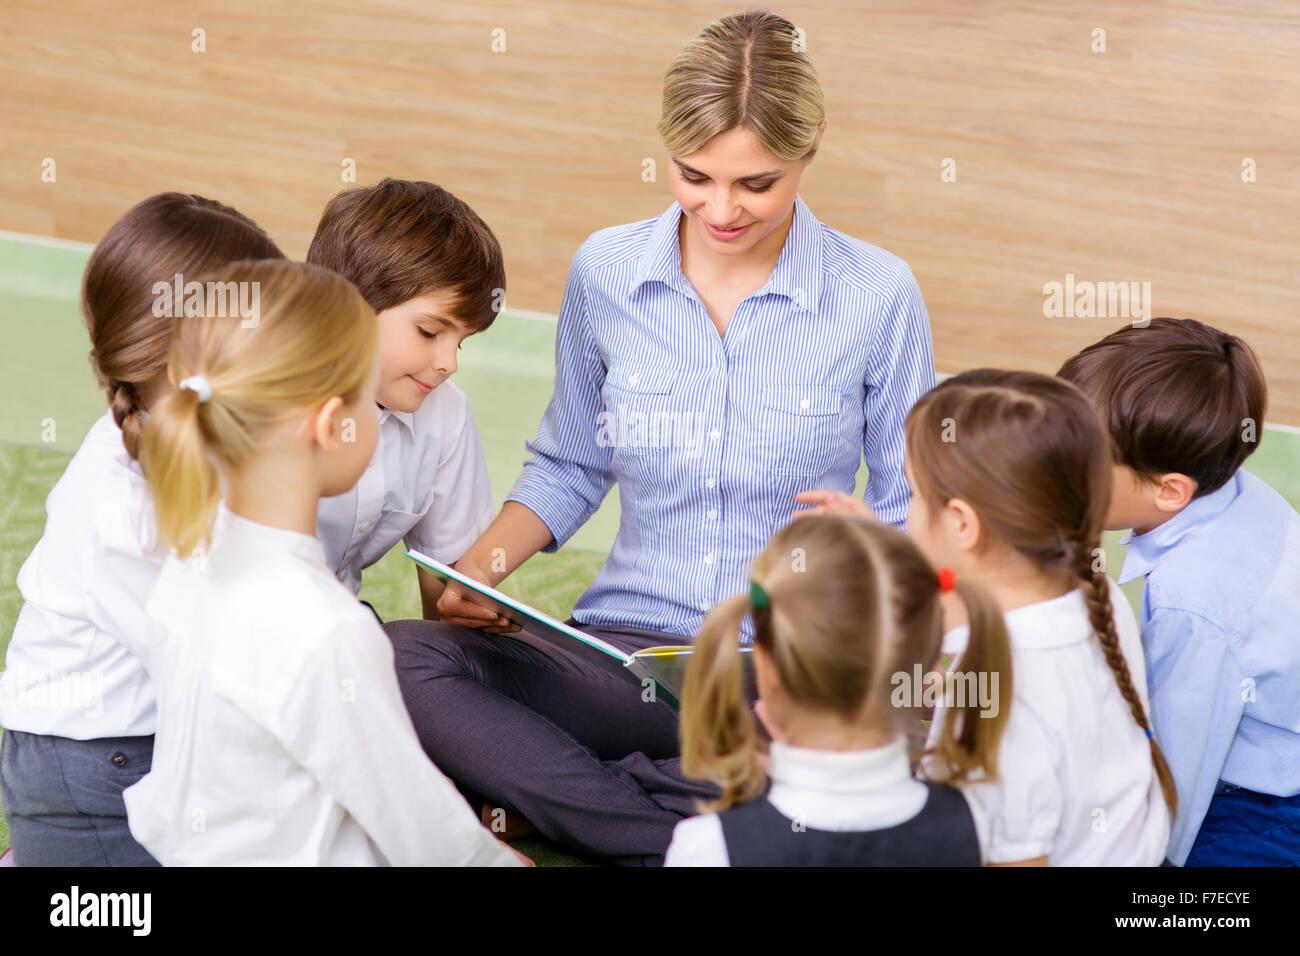 Los niños y su maestra en la sesión de lectura. Imagen De Stock